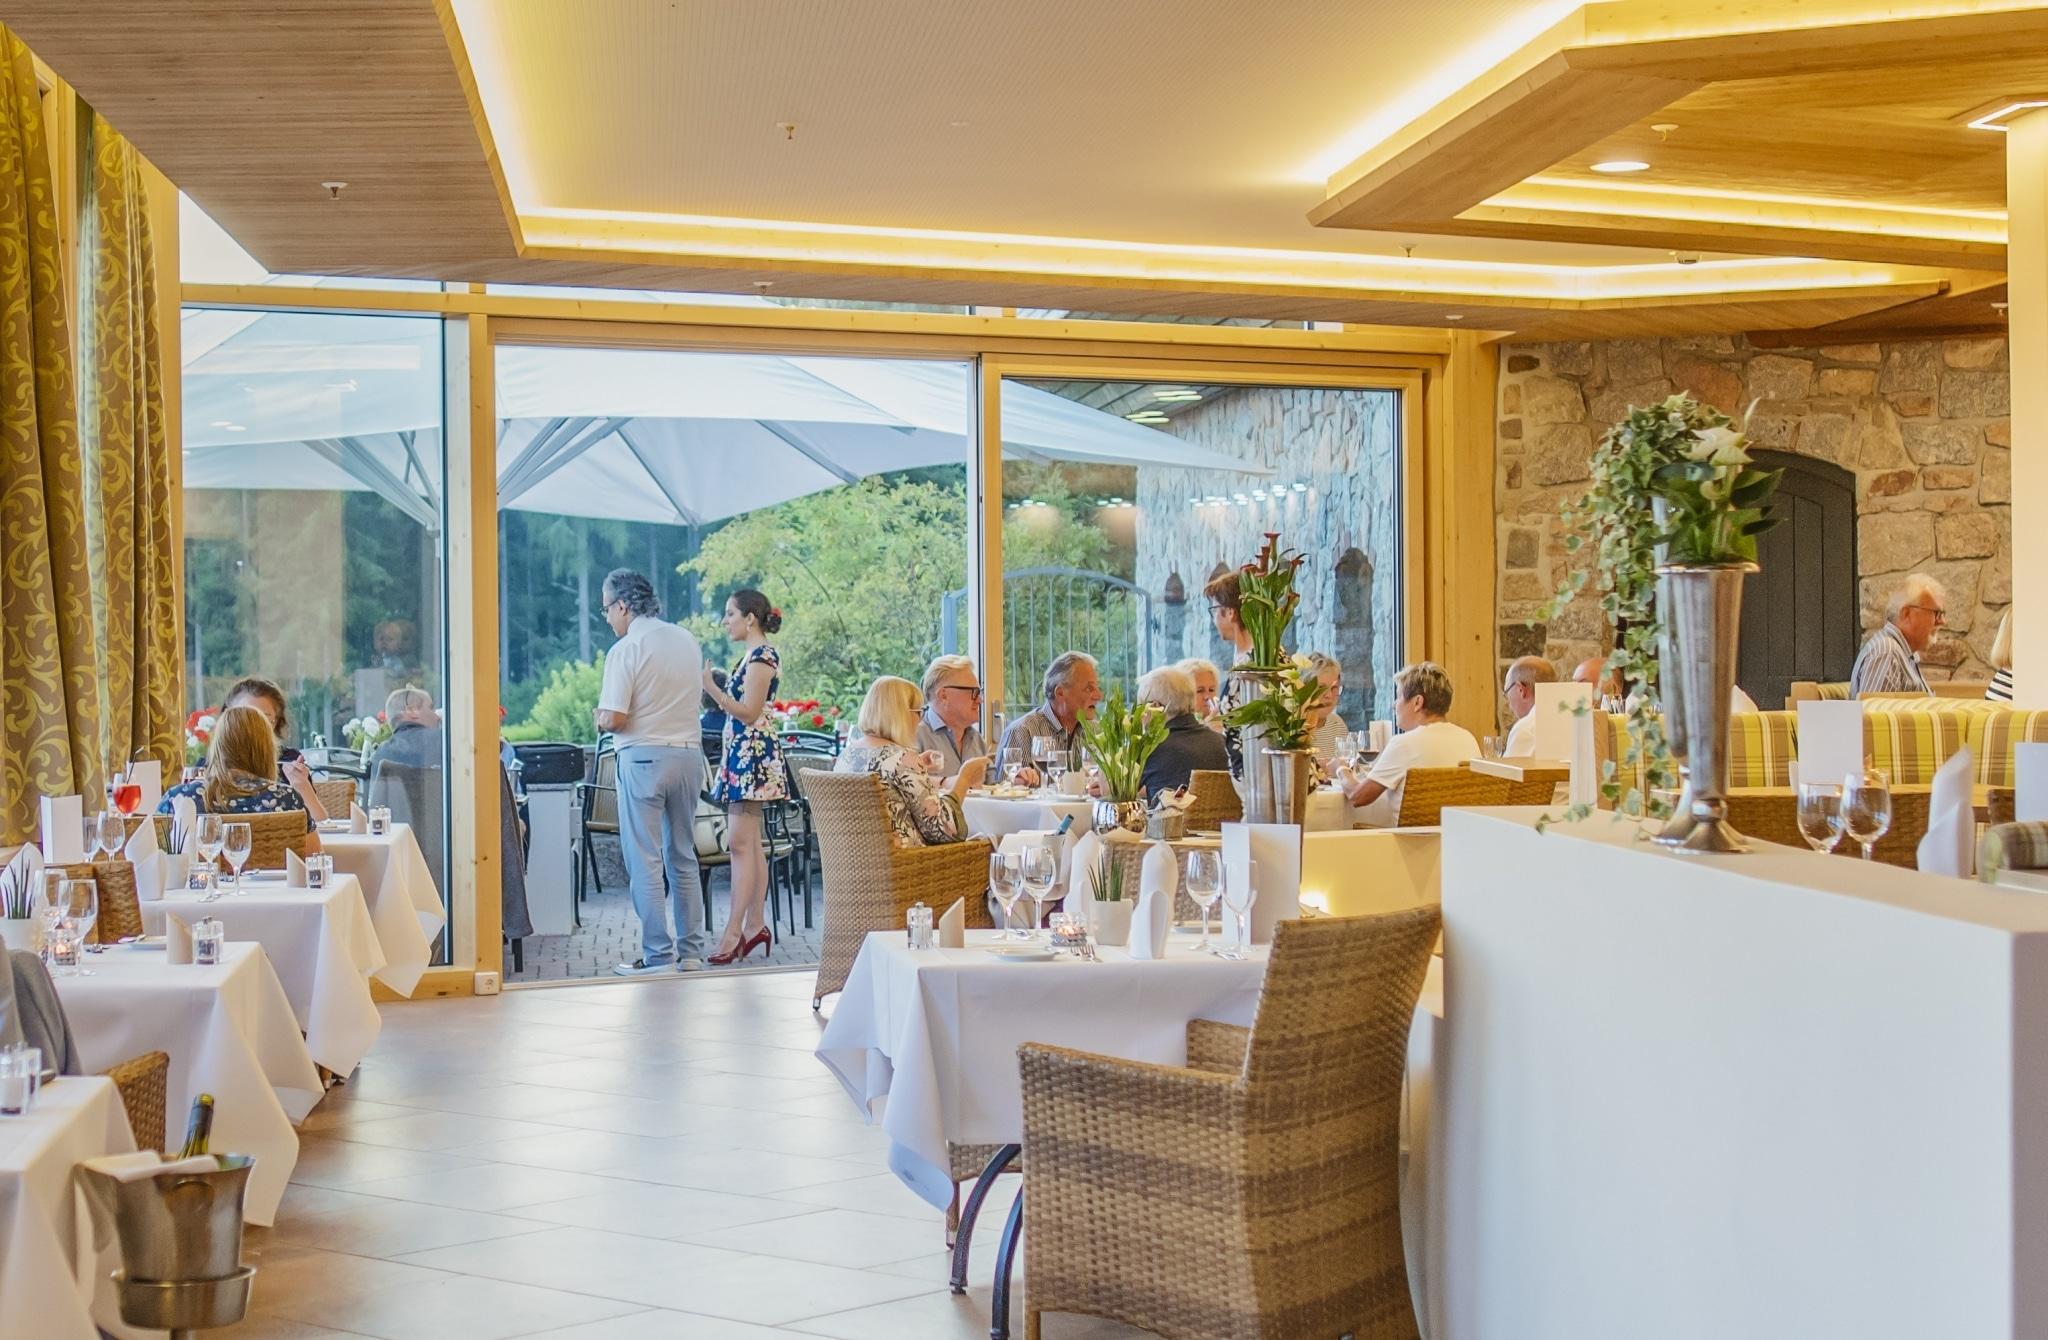 Restaurantbereich im Vier Jahreszeiten am Schluchsee mit Terrasse